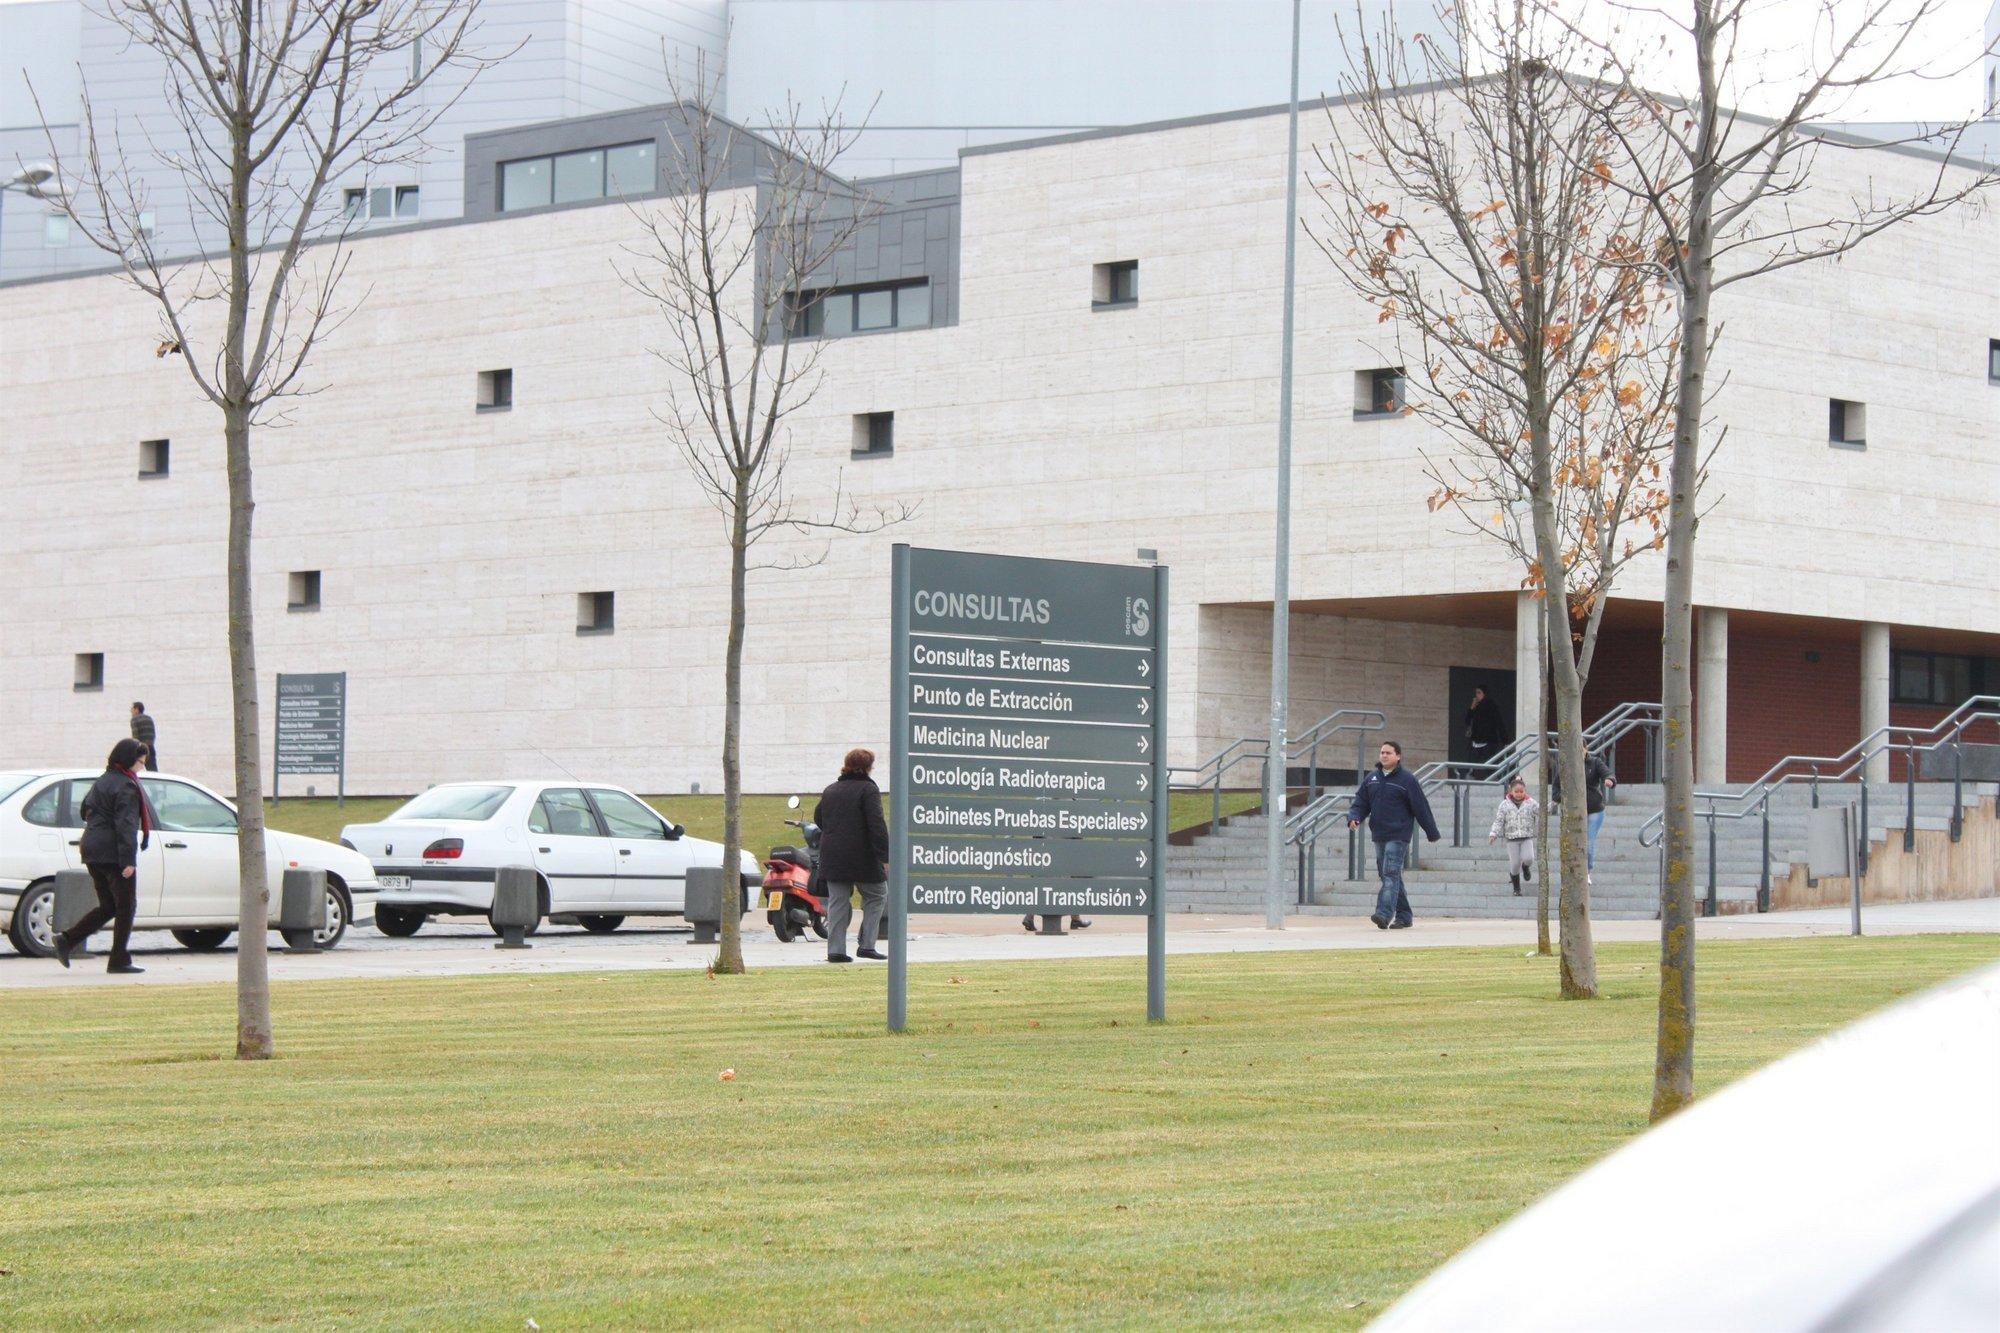 Los pacientes del Hospital de Ciudad Real tienen garantizada la calidad asistencial, según la Gerencia